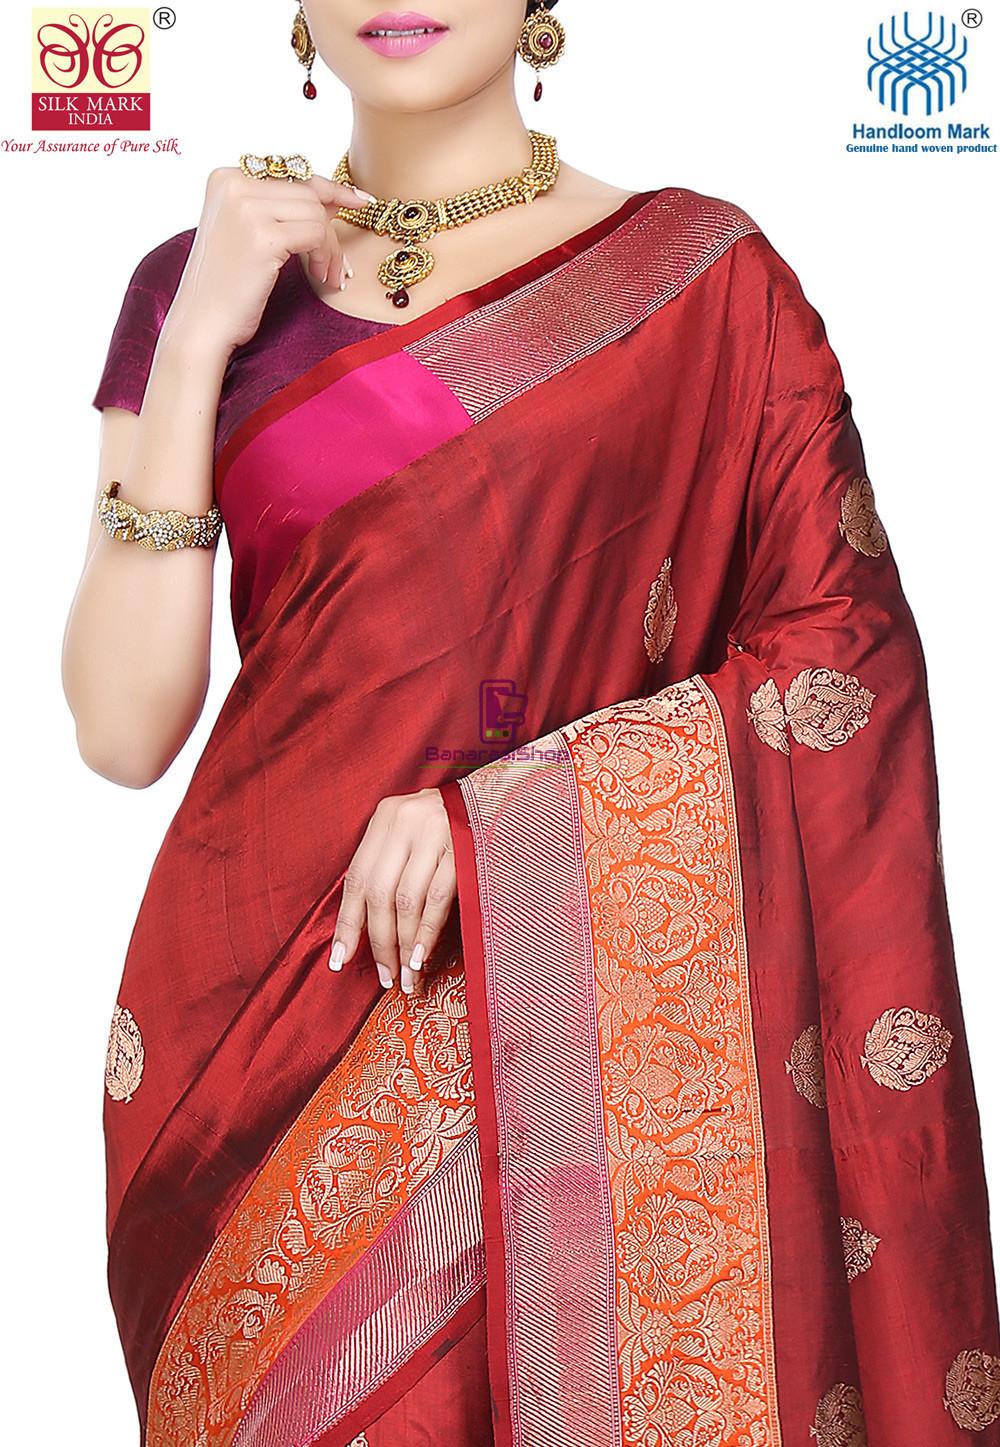 Banarasi Pure Katan Silk Handloom Saree in Maroon 2